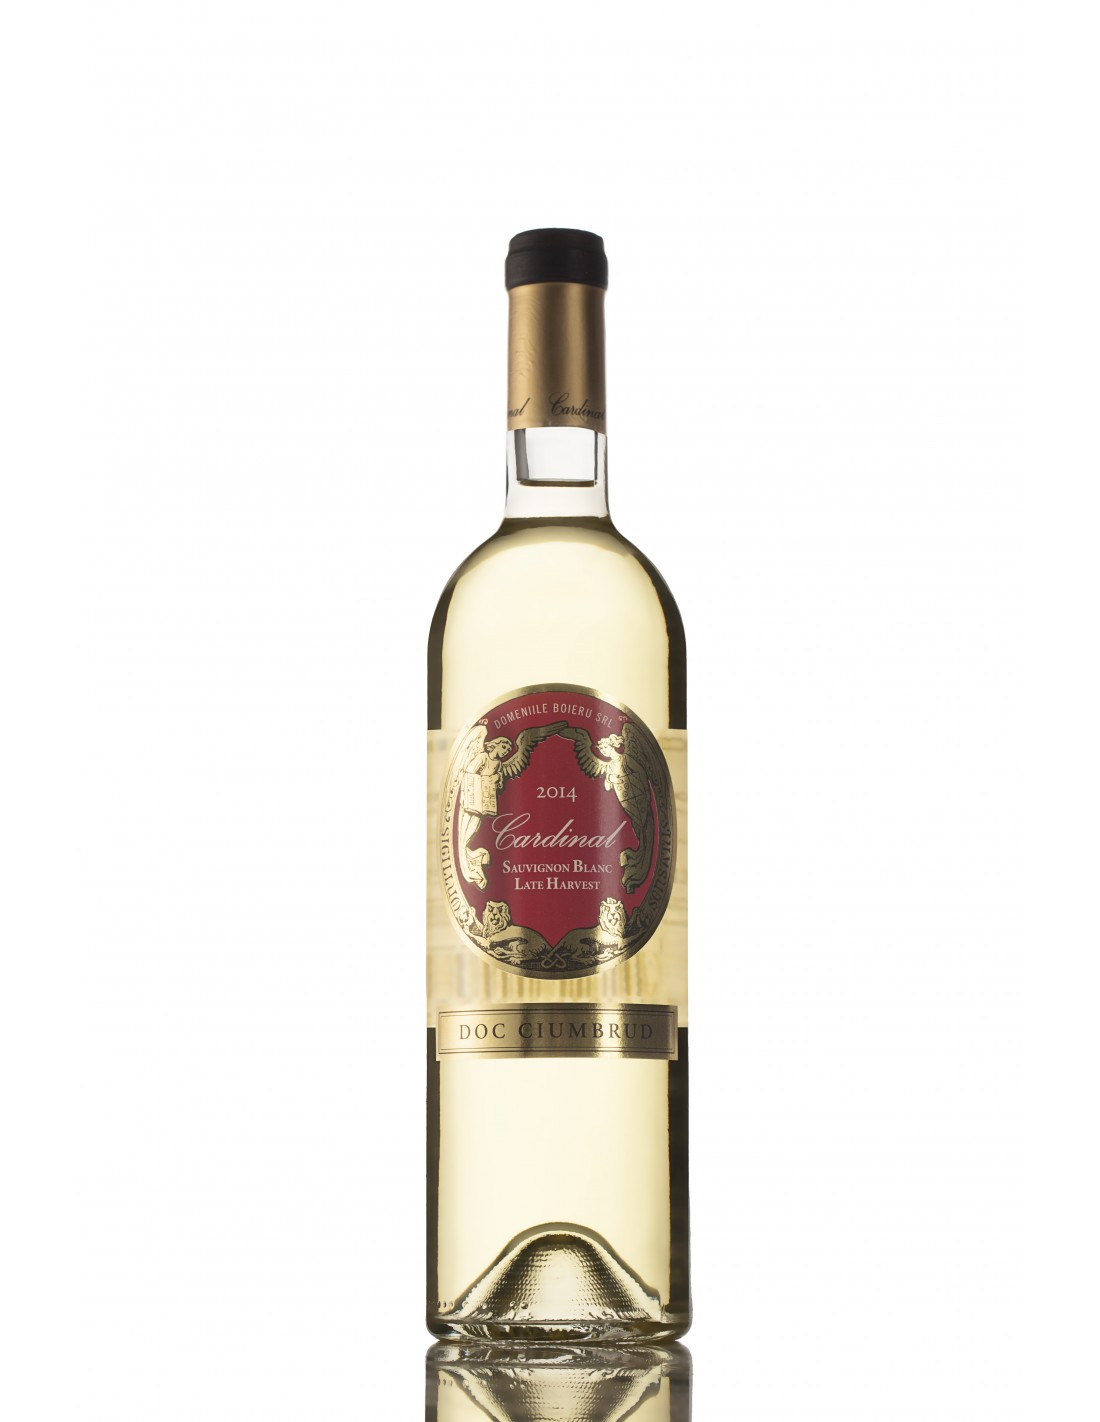 Vin alb demidulce, Sauvignon Blanc, Cardinal, Ciumbrud, 13% alc., 0.75L, Romania